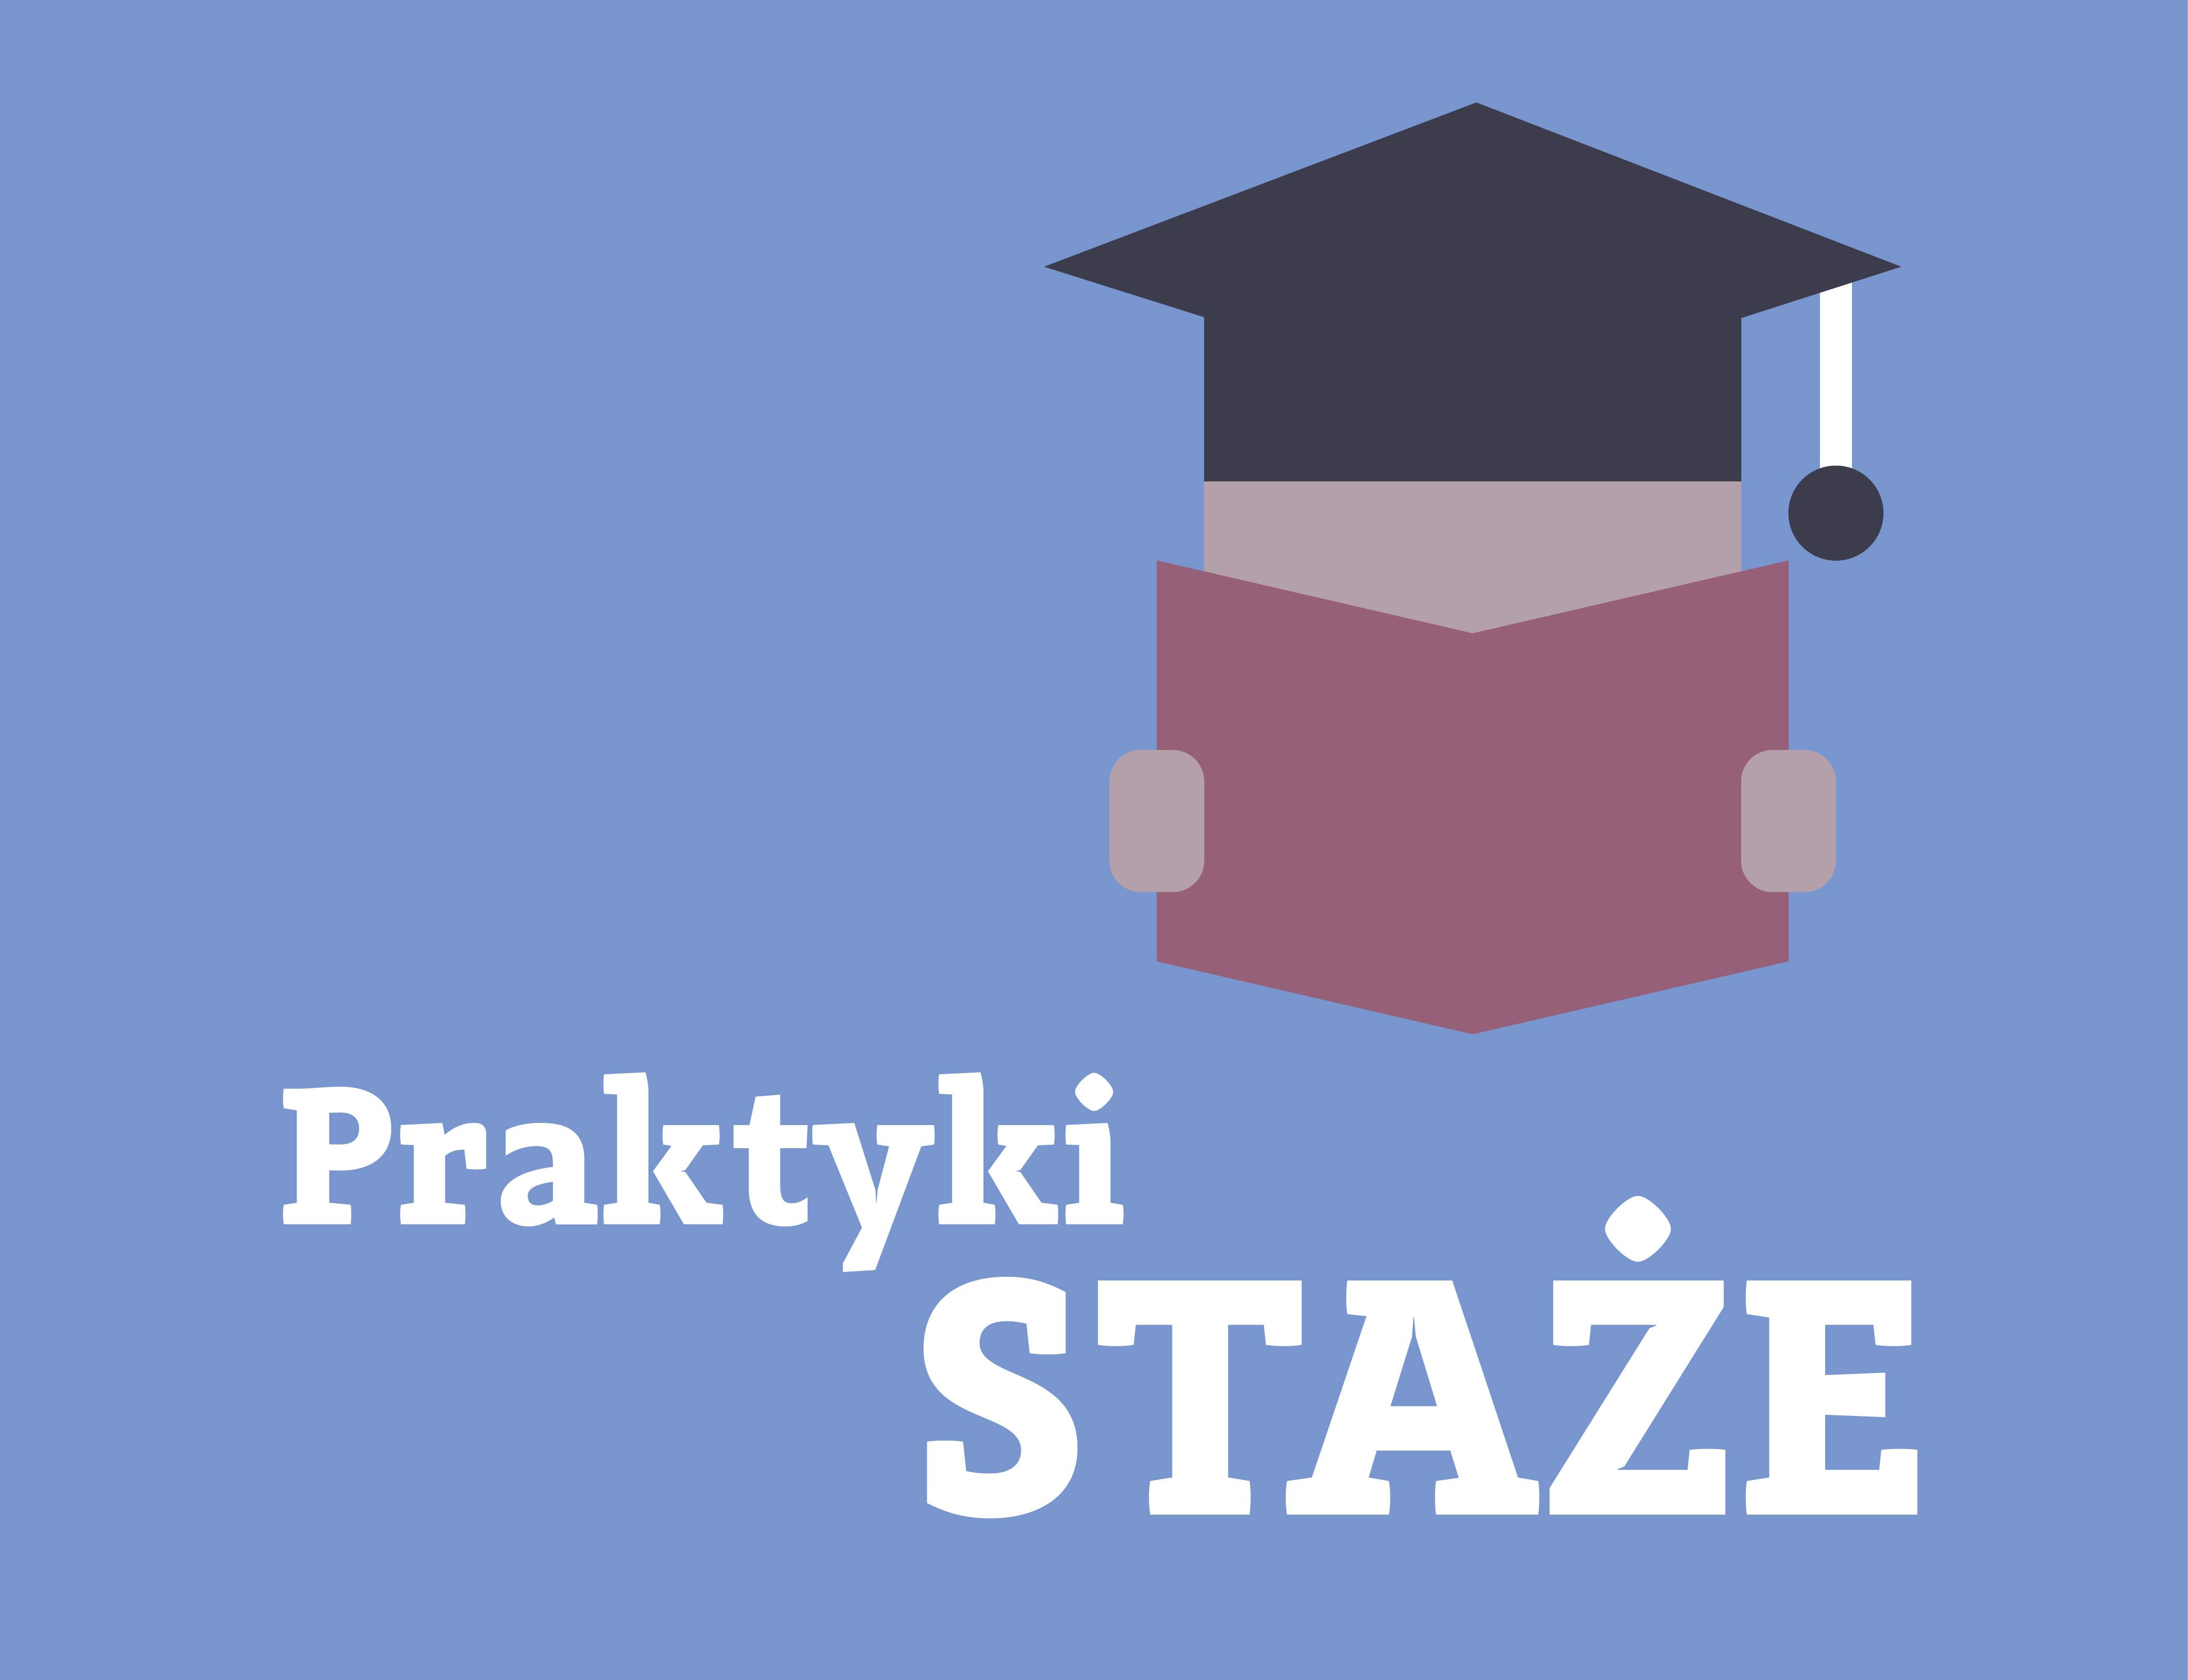 Jak znaleźć praktyki IT, które edukują? Podpowiadamy z Pawłem Włodarczykiem - studentem z PW.